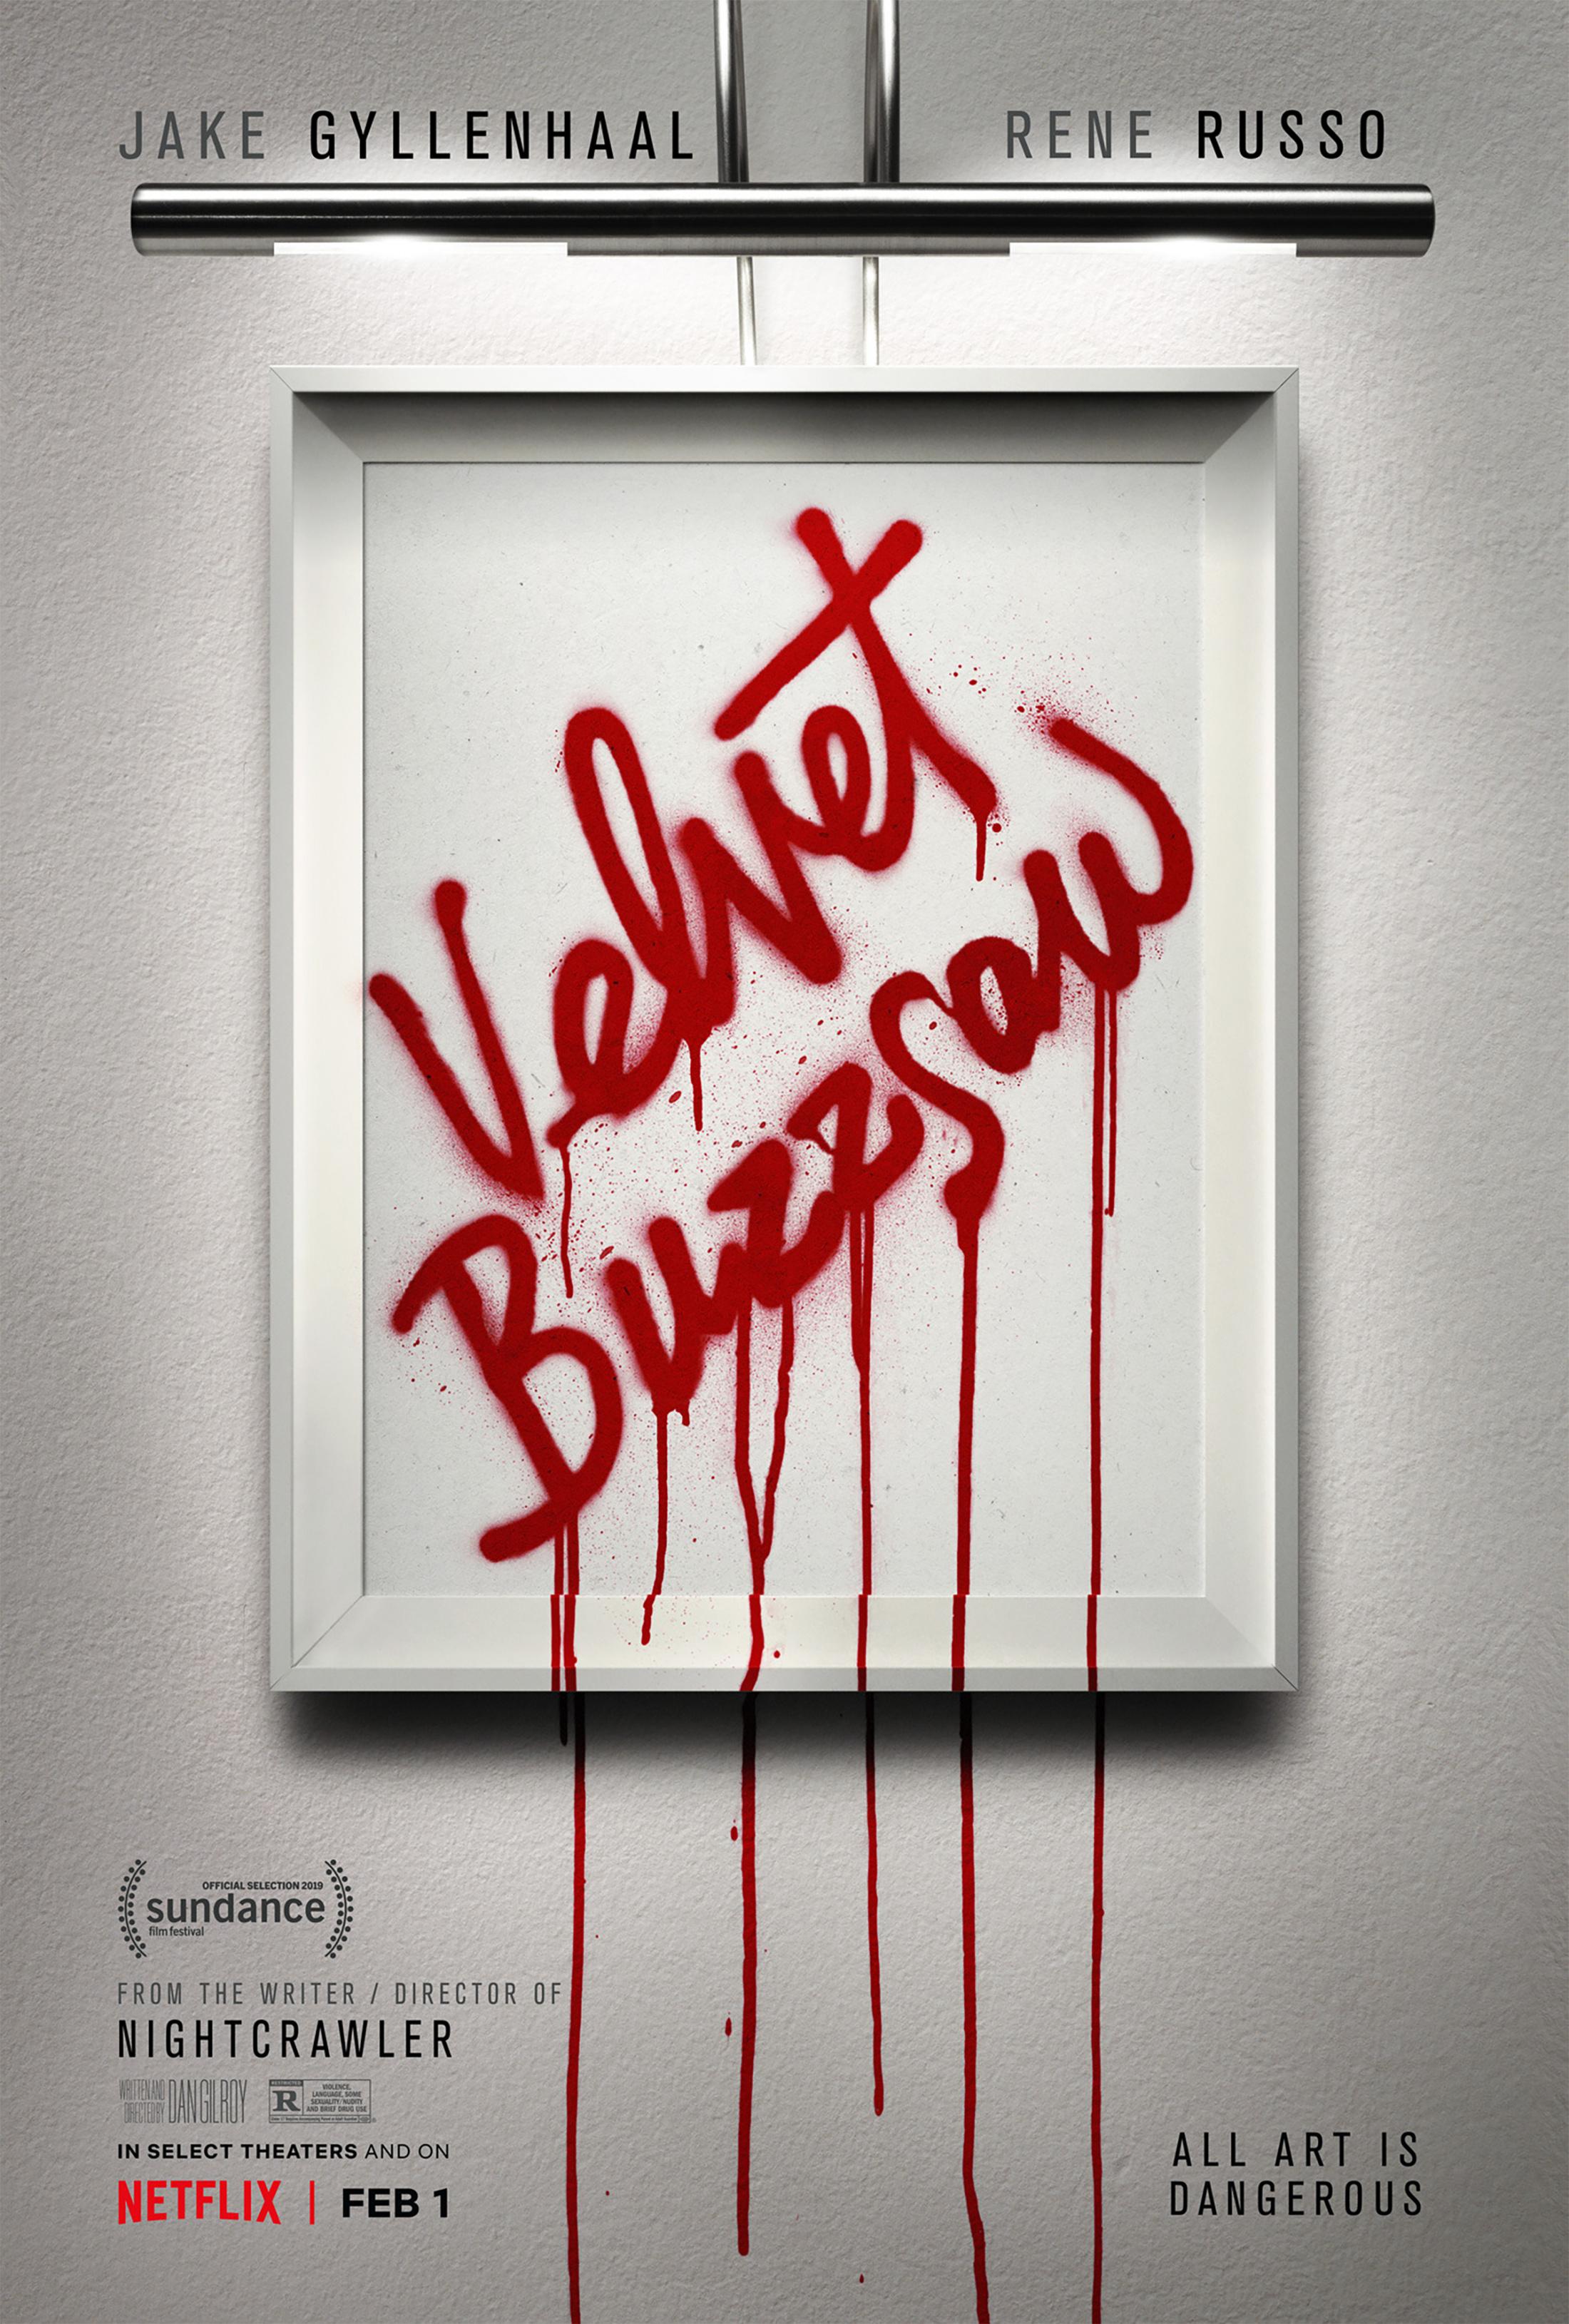 Thumbnail for Velvet Buzzsaw